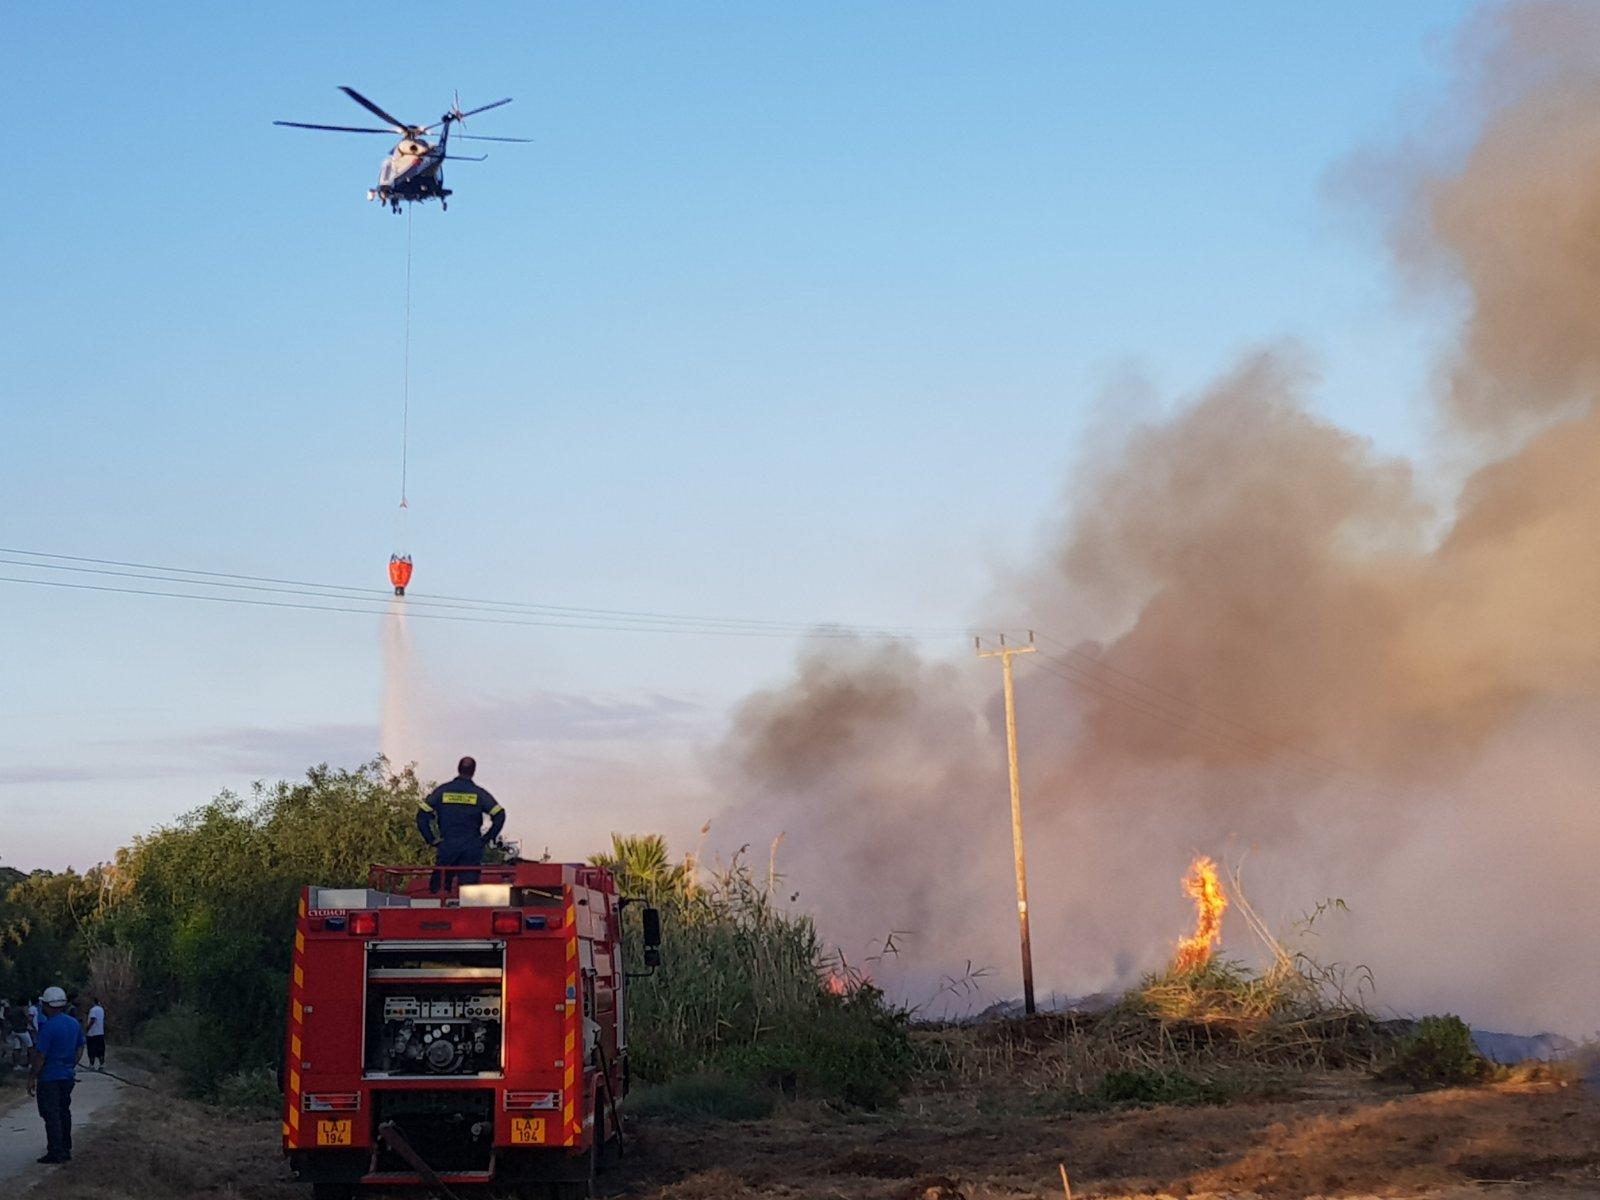 Τα αιτήματα της Πυροσβεστικής για την αλυκή Λάρνακας στο Τμήμα Περιβάλλοντος για έγκριση